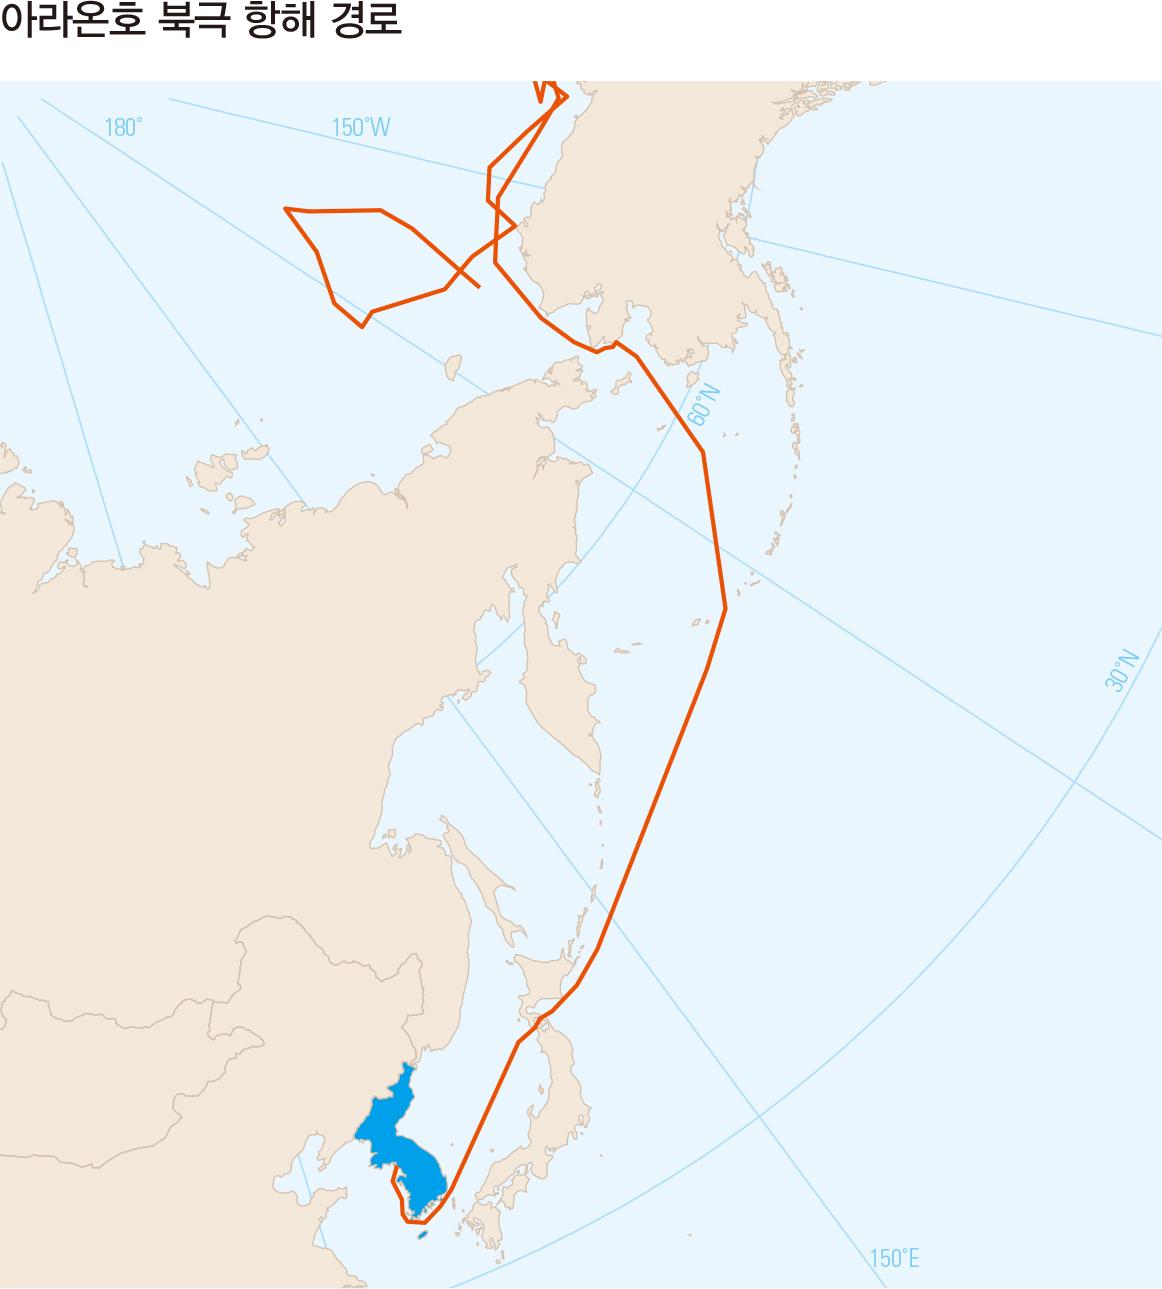 아라온호 북극 항해 경로